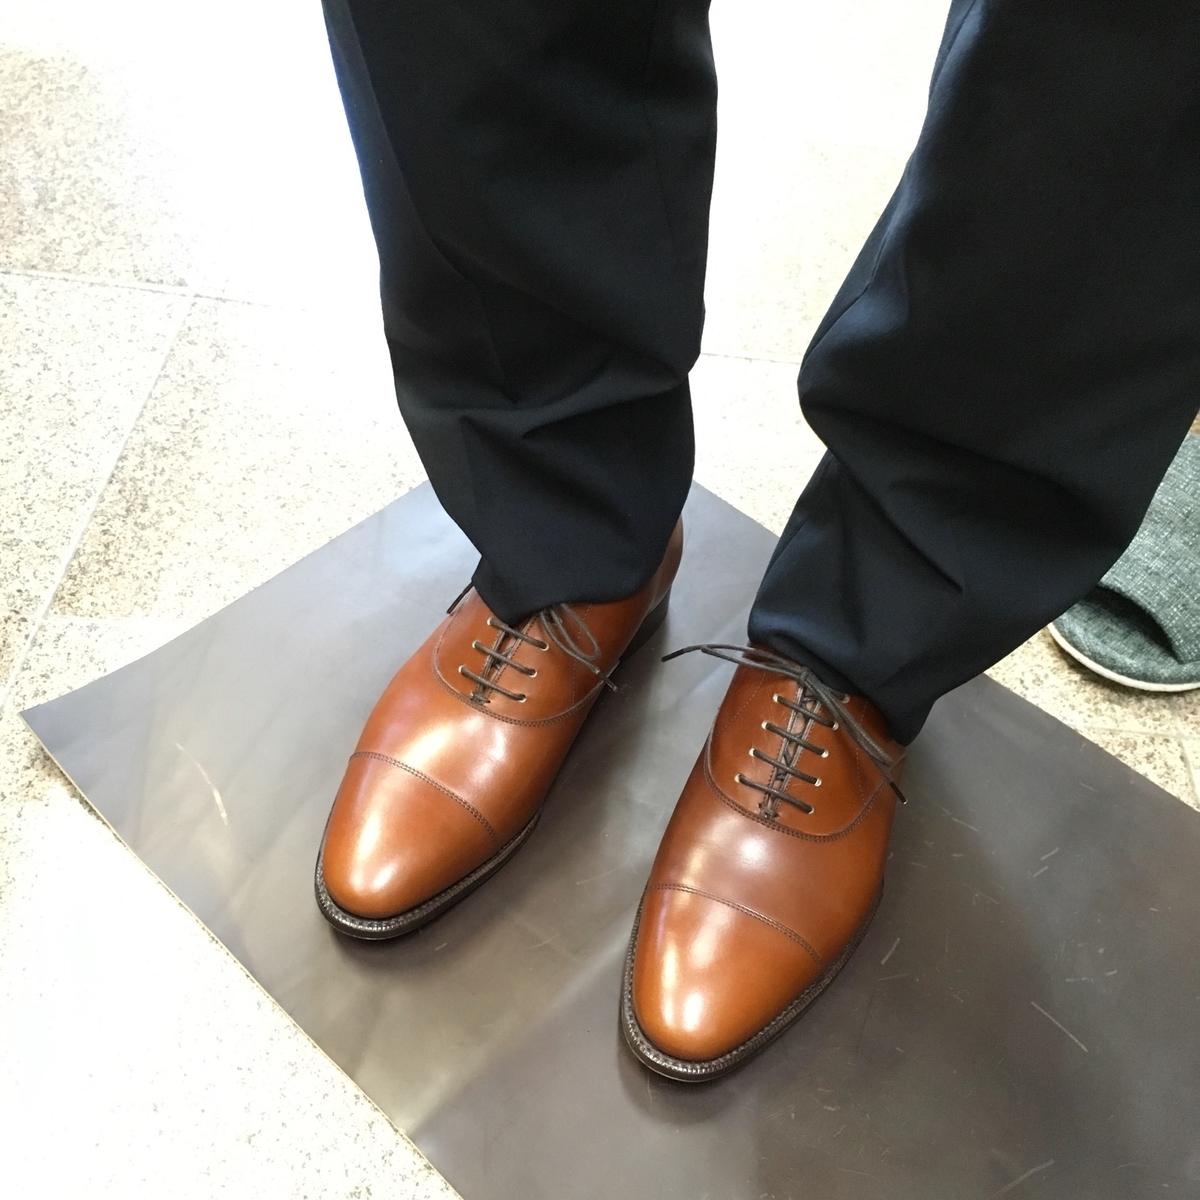 f:id:raymar-shoes:20190903232511j:plain